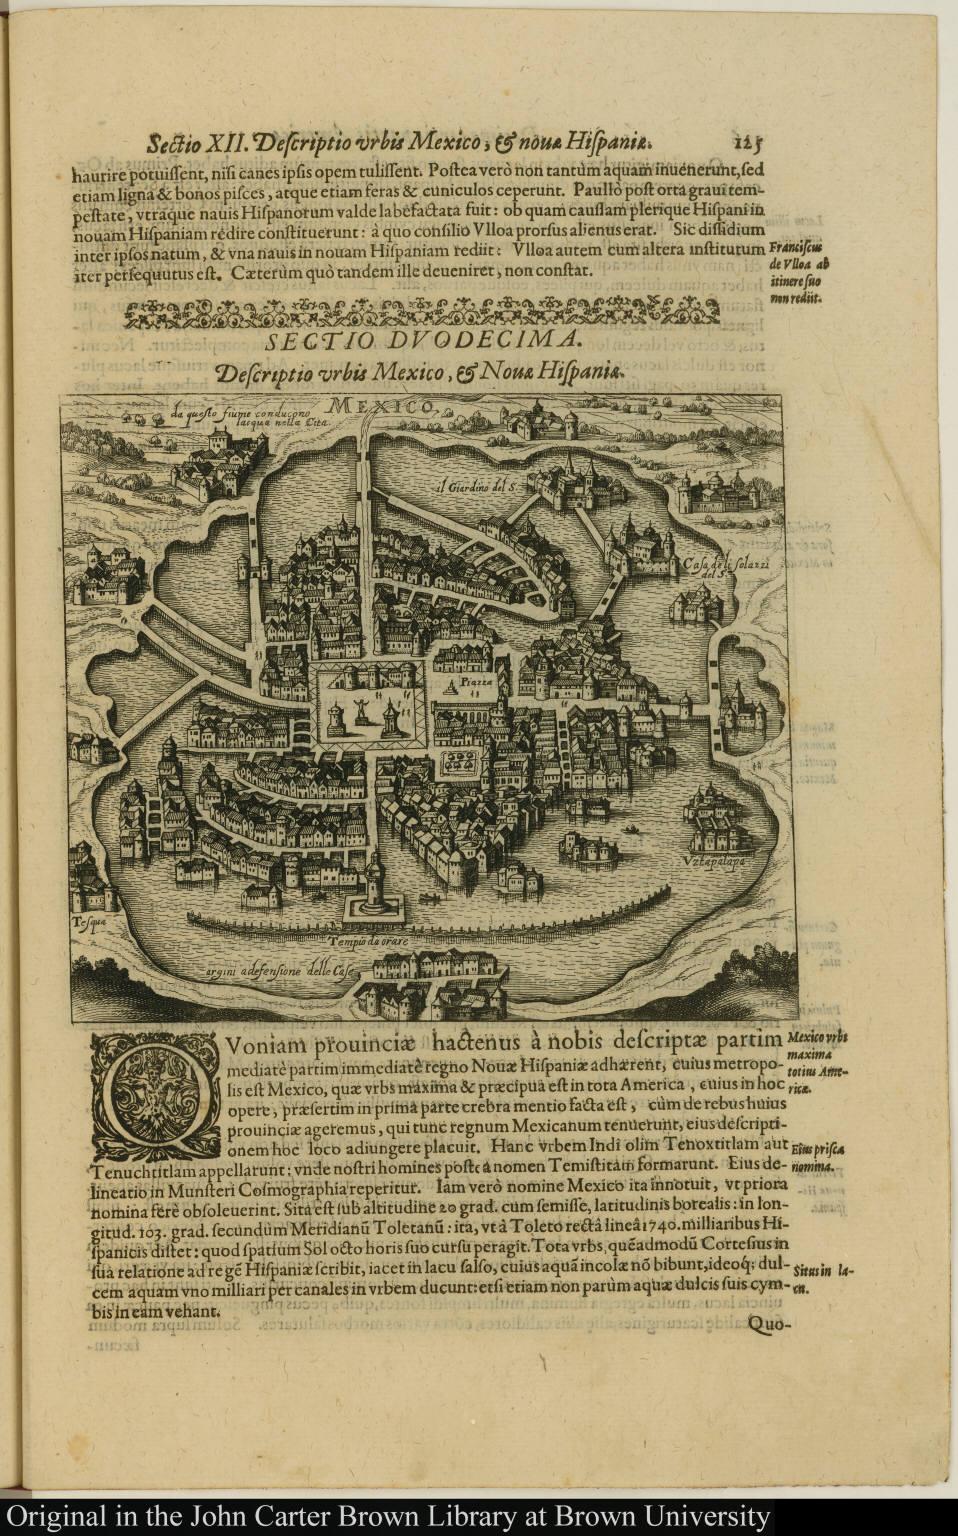 Descriptio urbis Mexico, & Novae Hispaniae